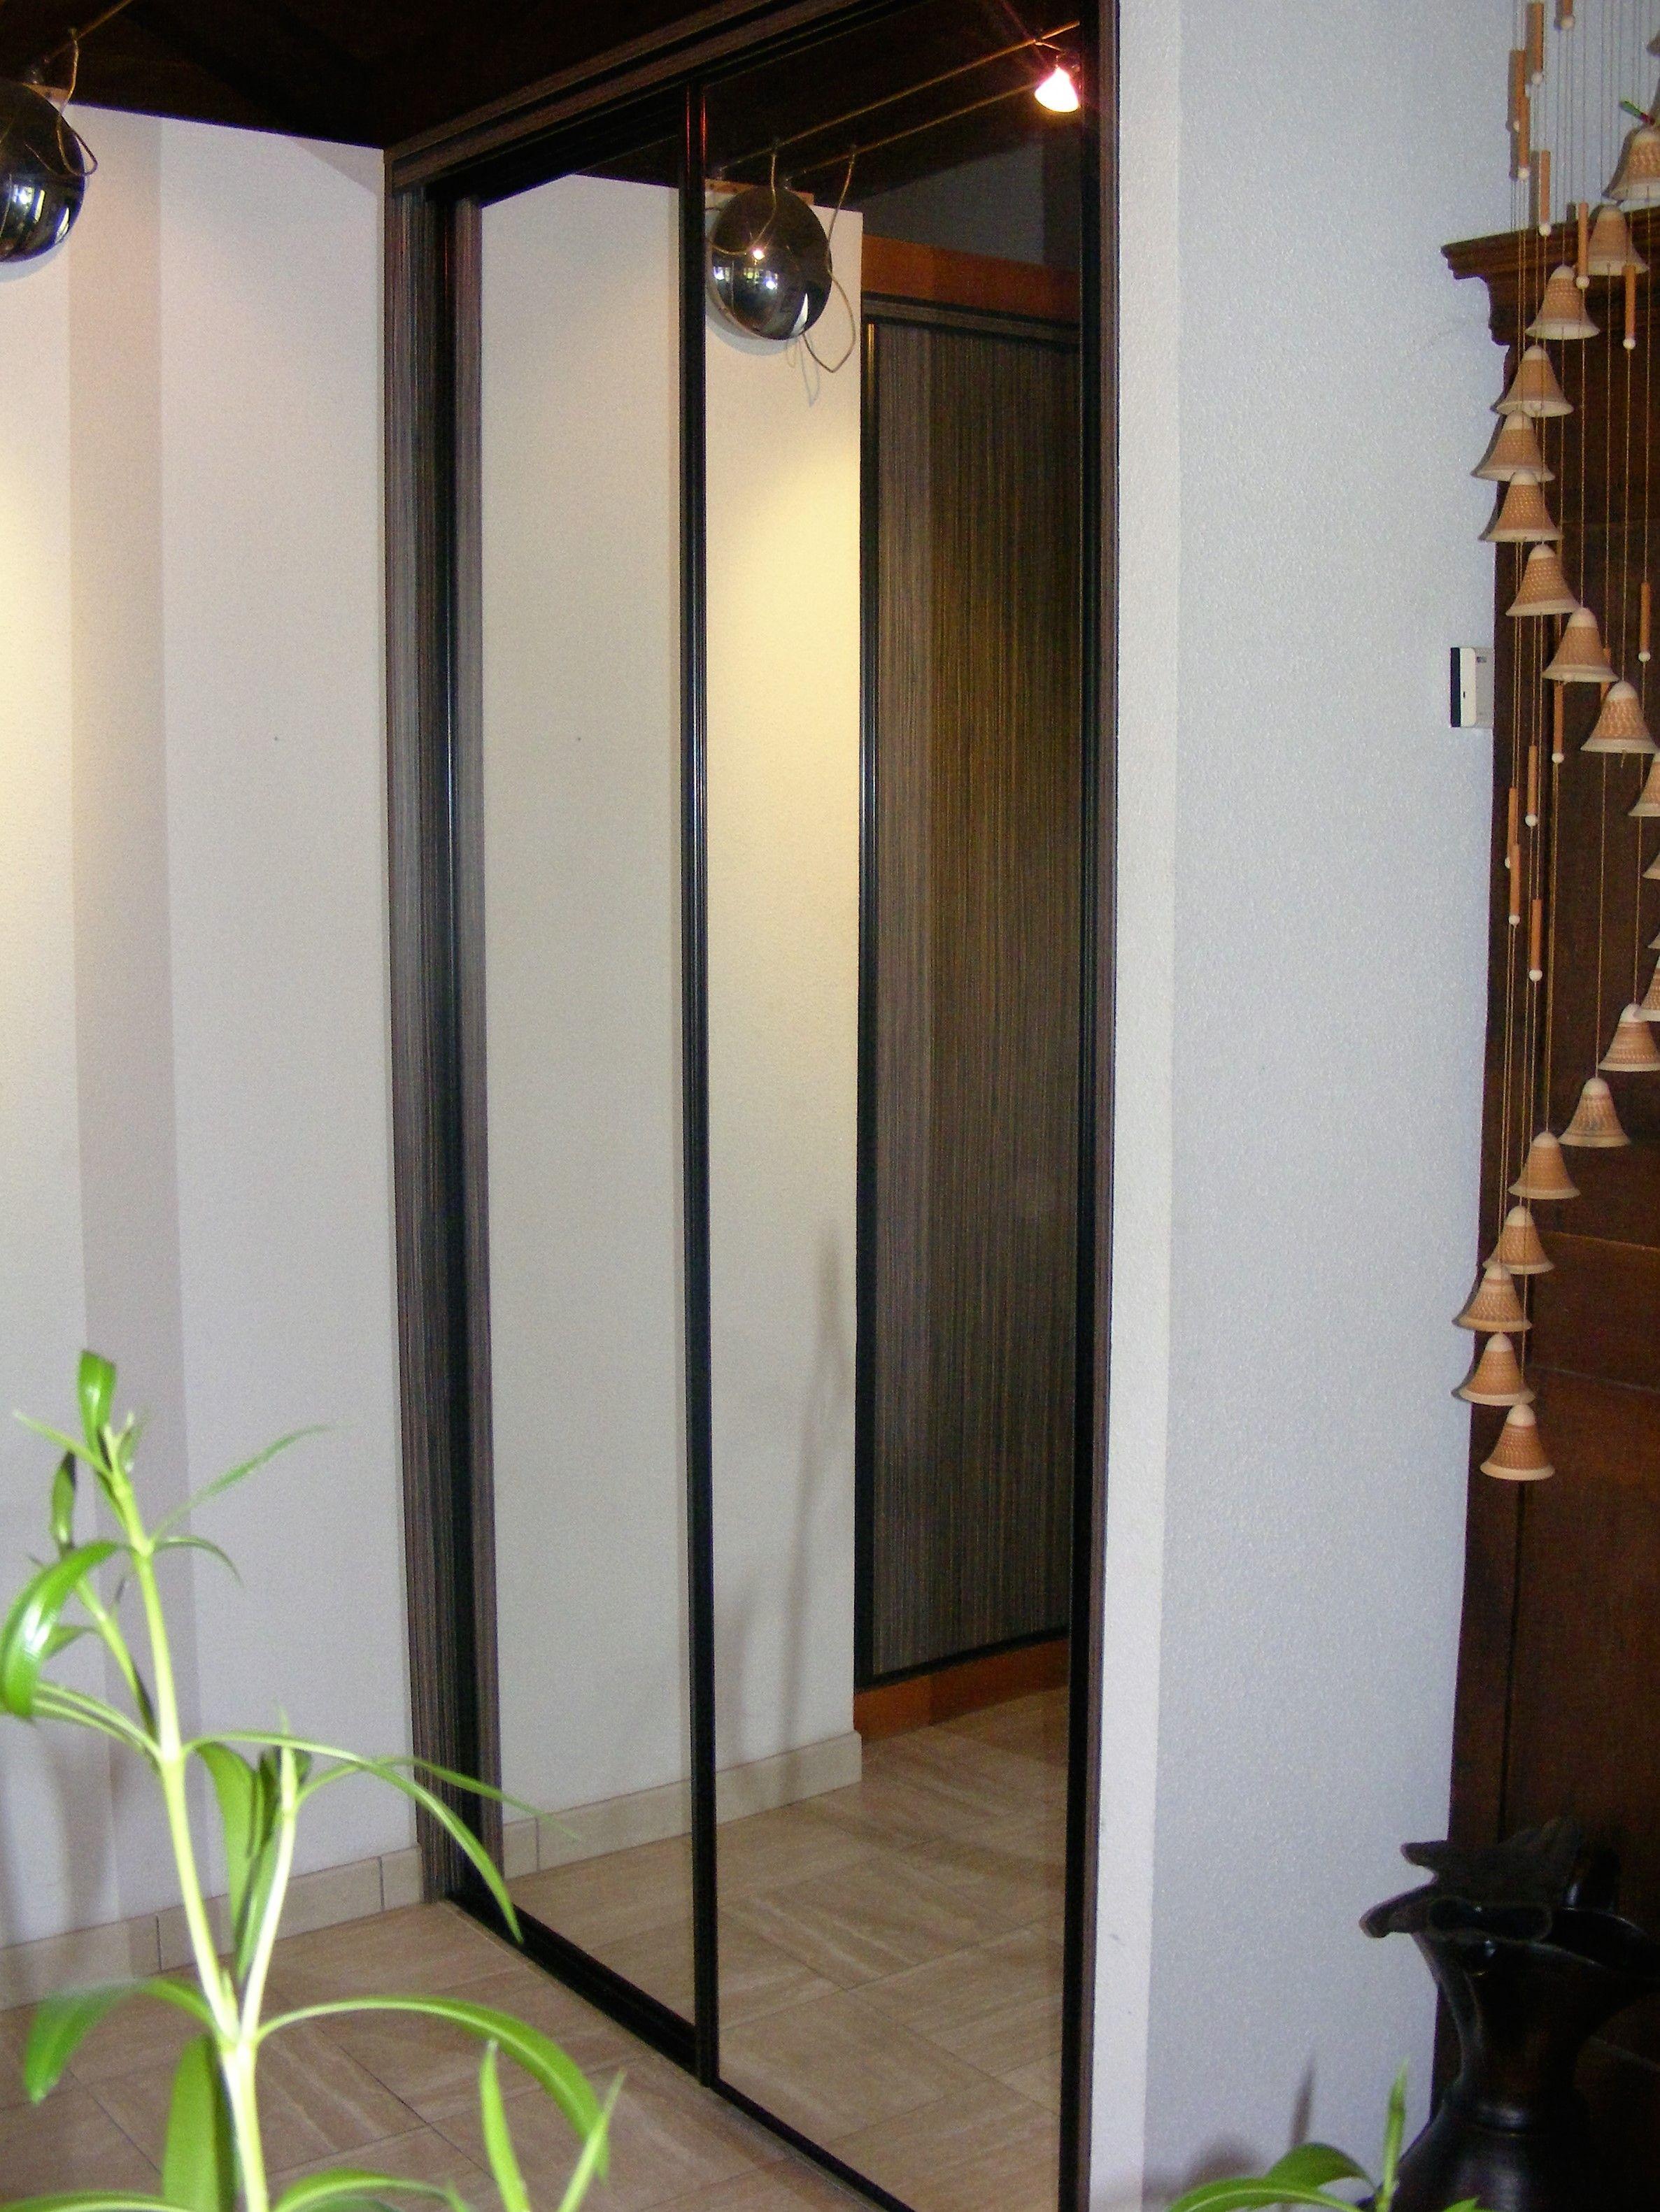 Portes De Placard Coulissantes Avec Miroirs Et Profils Alu Laques Noir Placard Coulissant Porte Placard Porte Placard Coulissante